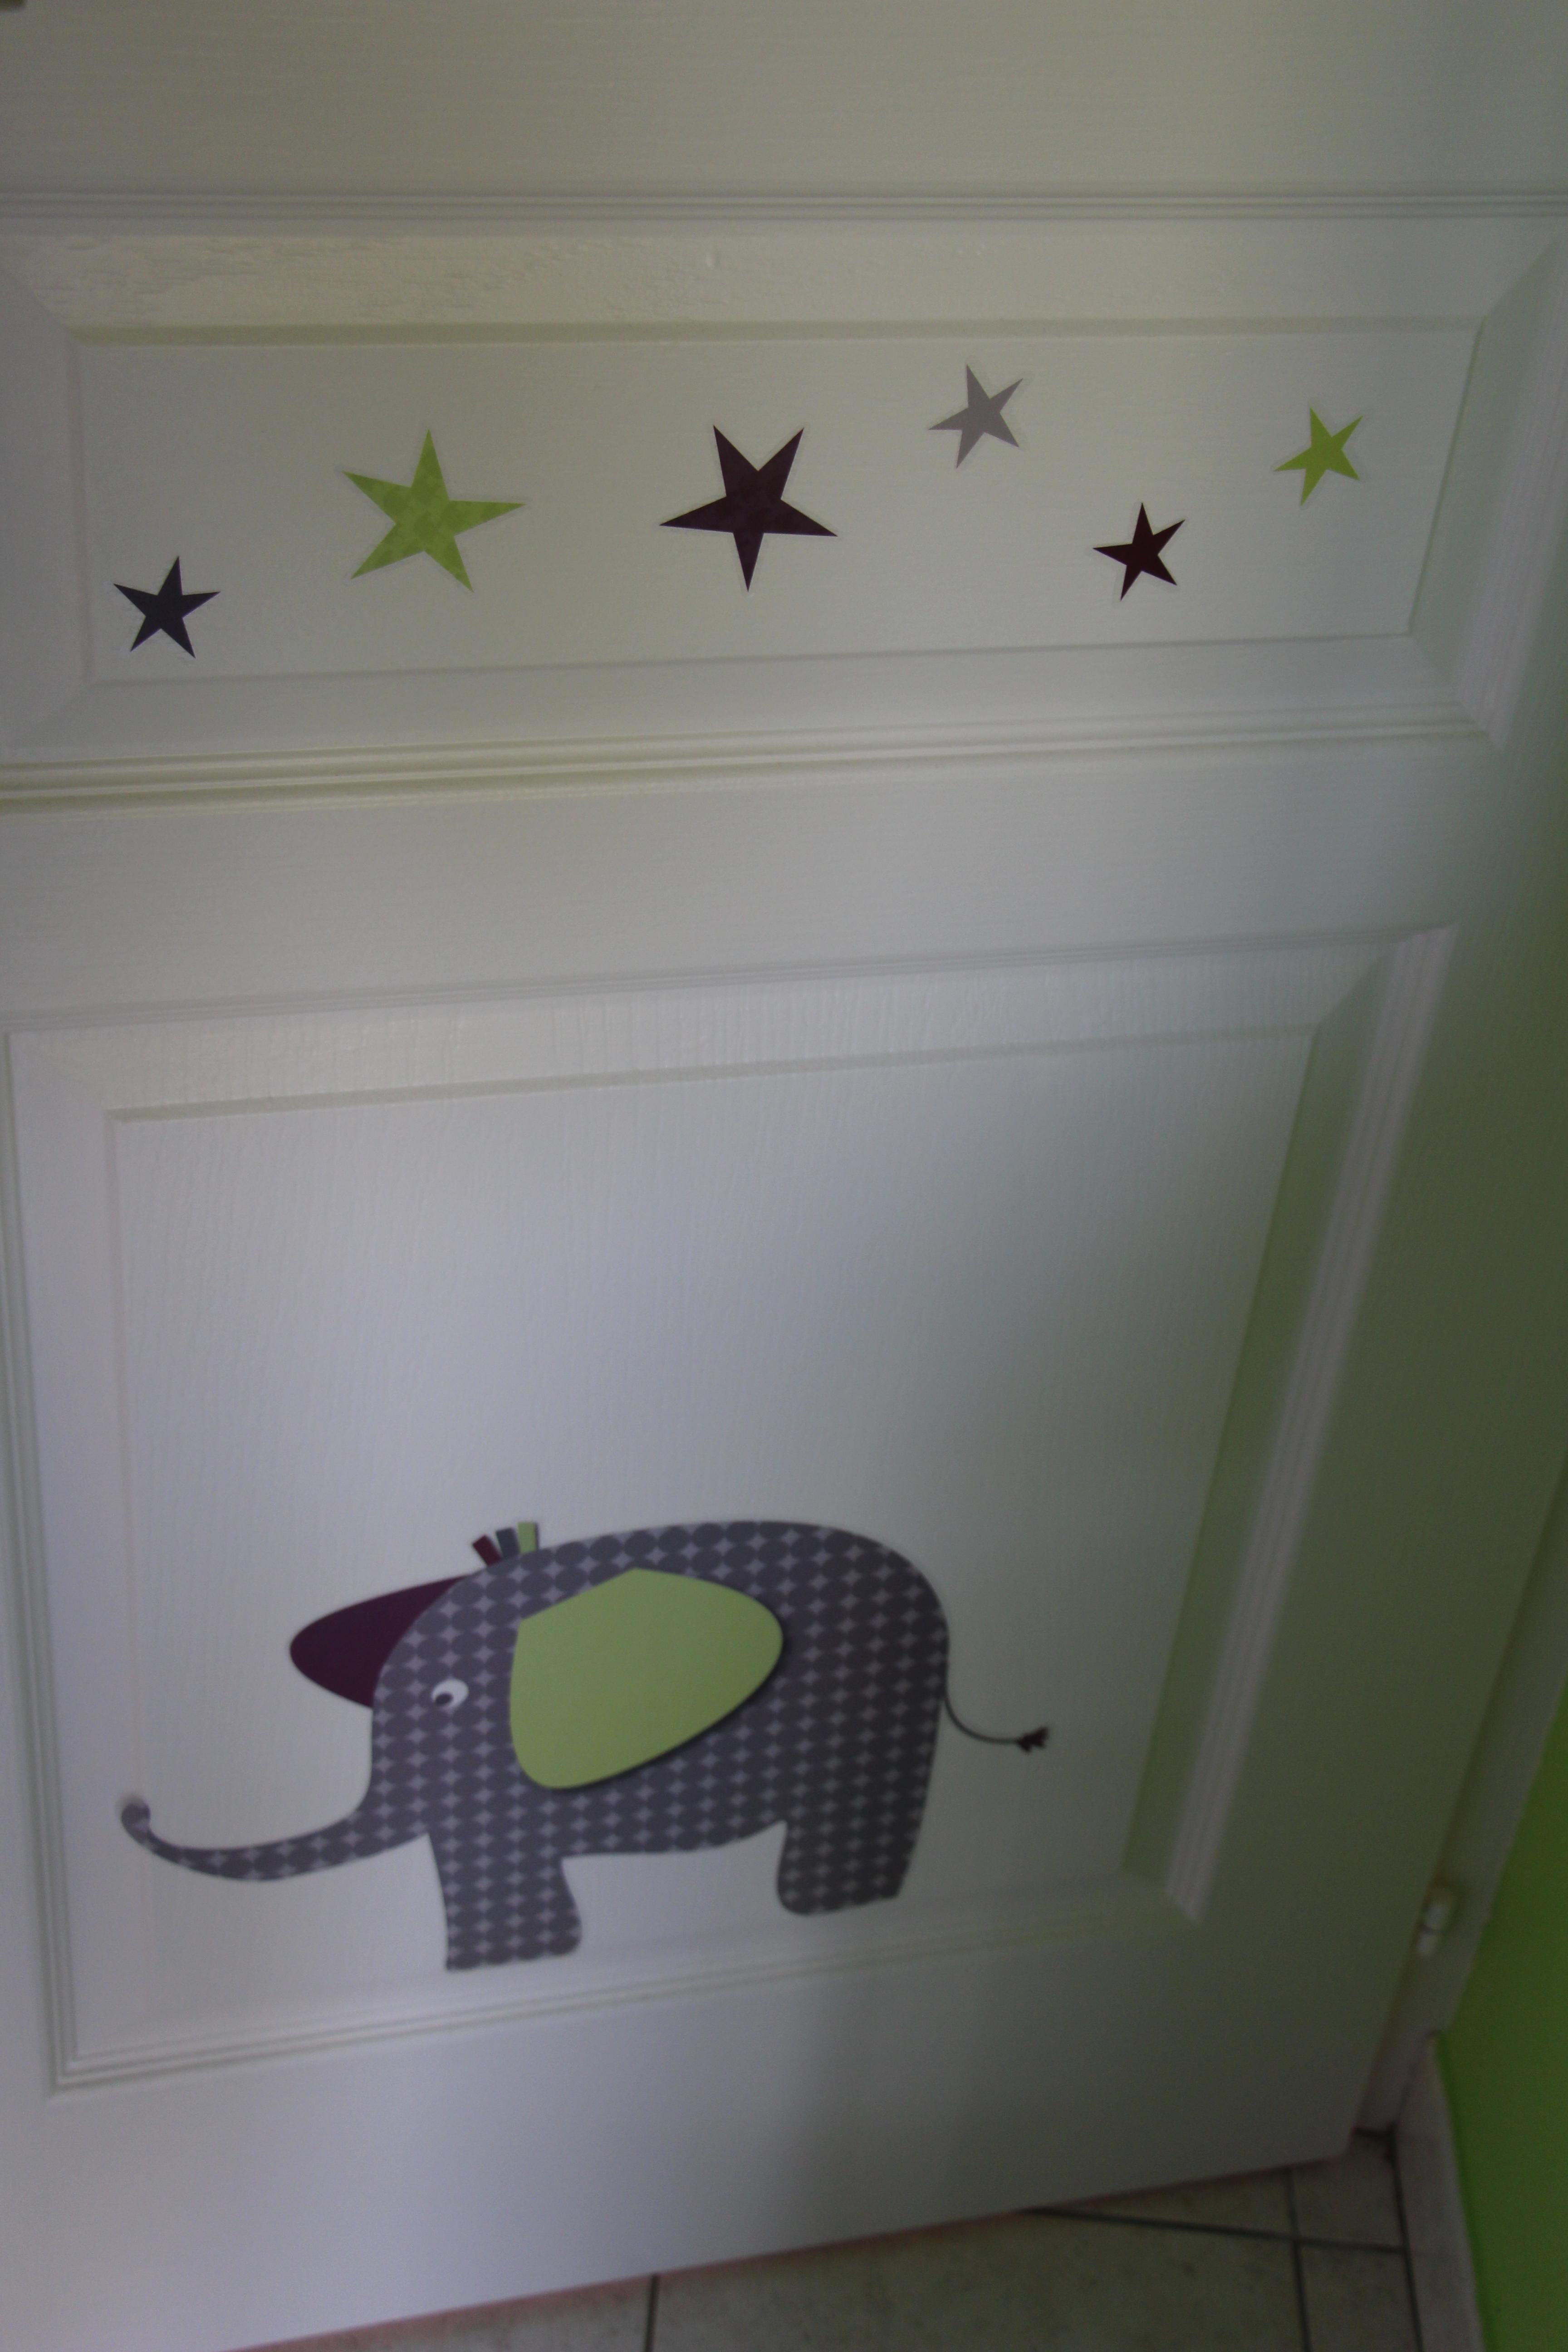 Charmant stickers deco chambre bebe - Deco mural chambre bebe ...